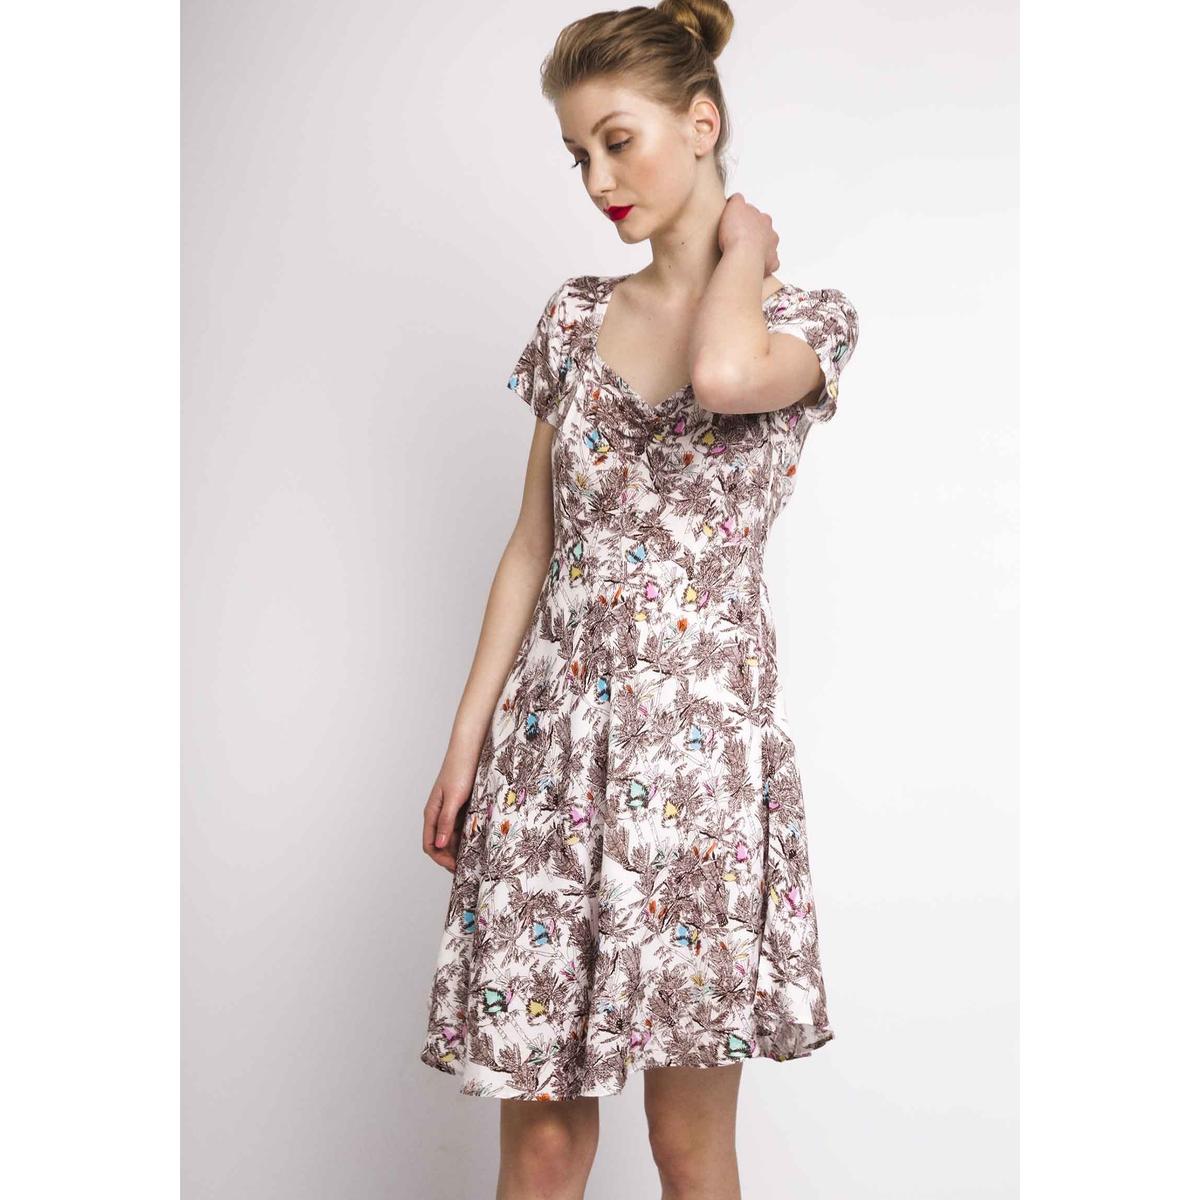 Платье La Redoute С рисунком пальмы V-образным вырезом и короткими рукавами XS бежевый блузка la redoute с v образным вырезом короткими рукавами и кружевом m бежевый